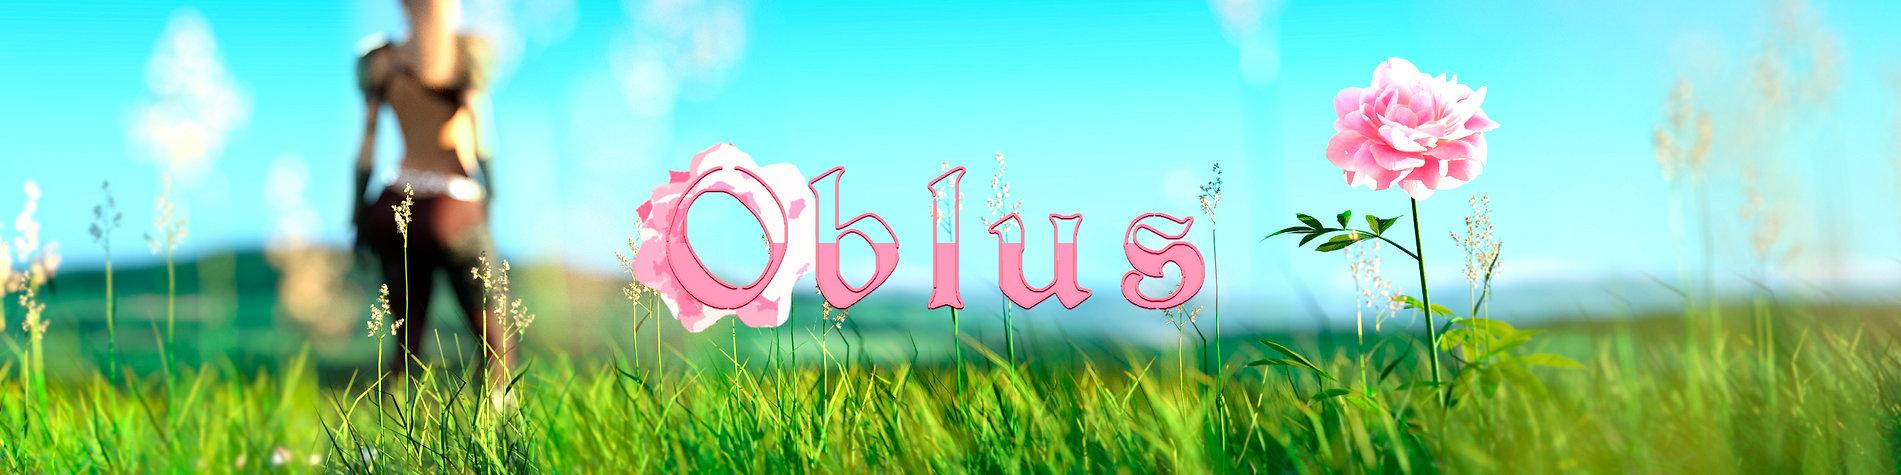 Oblus Main - Haru's Harem.jpg